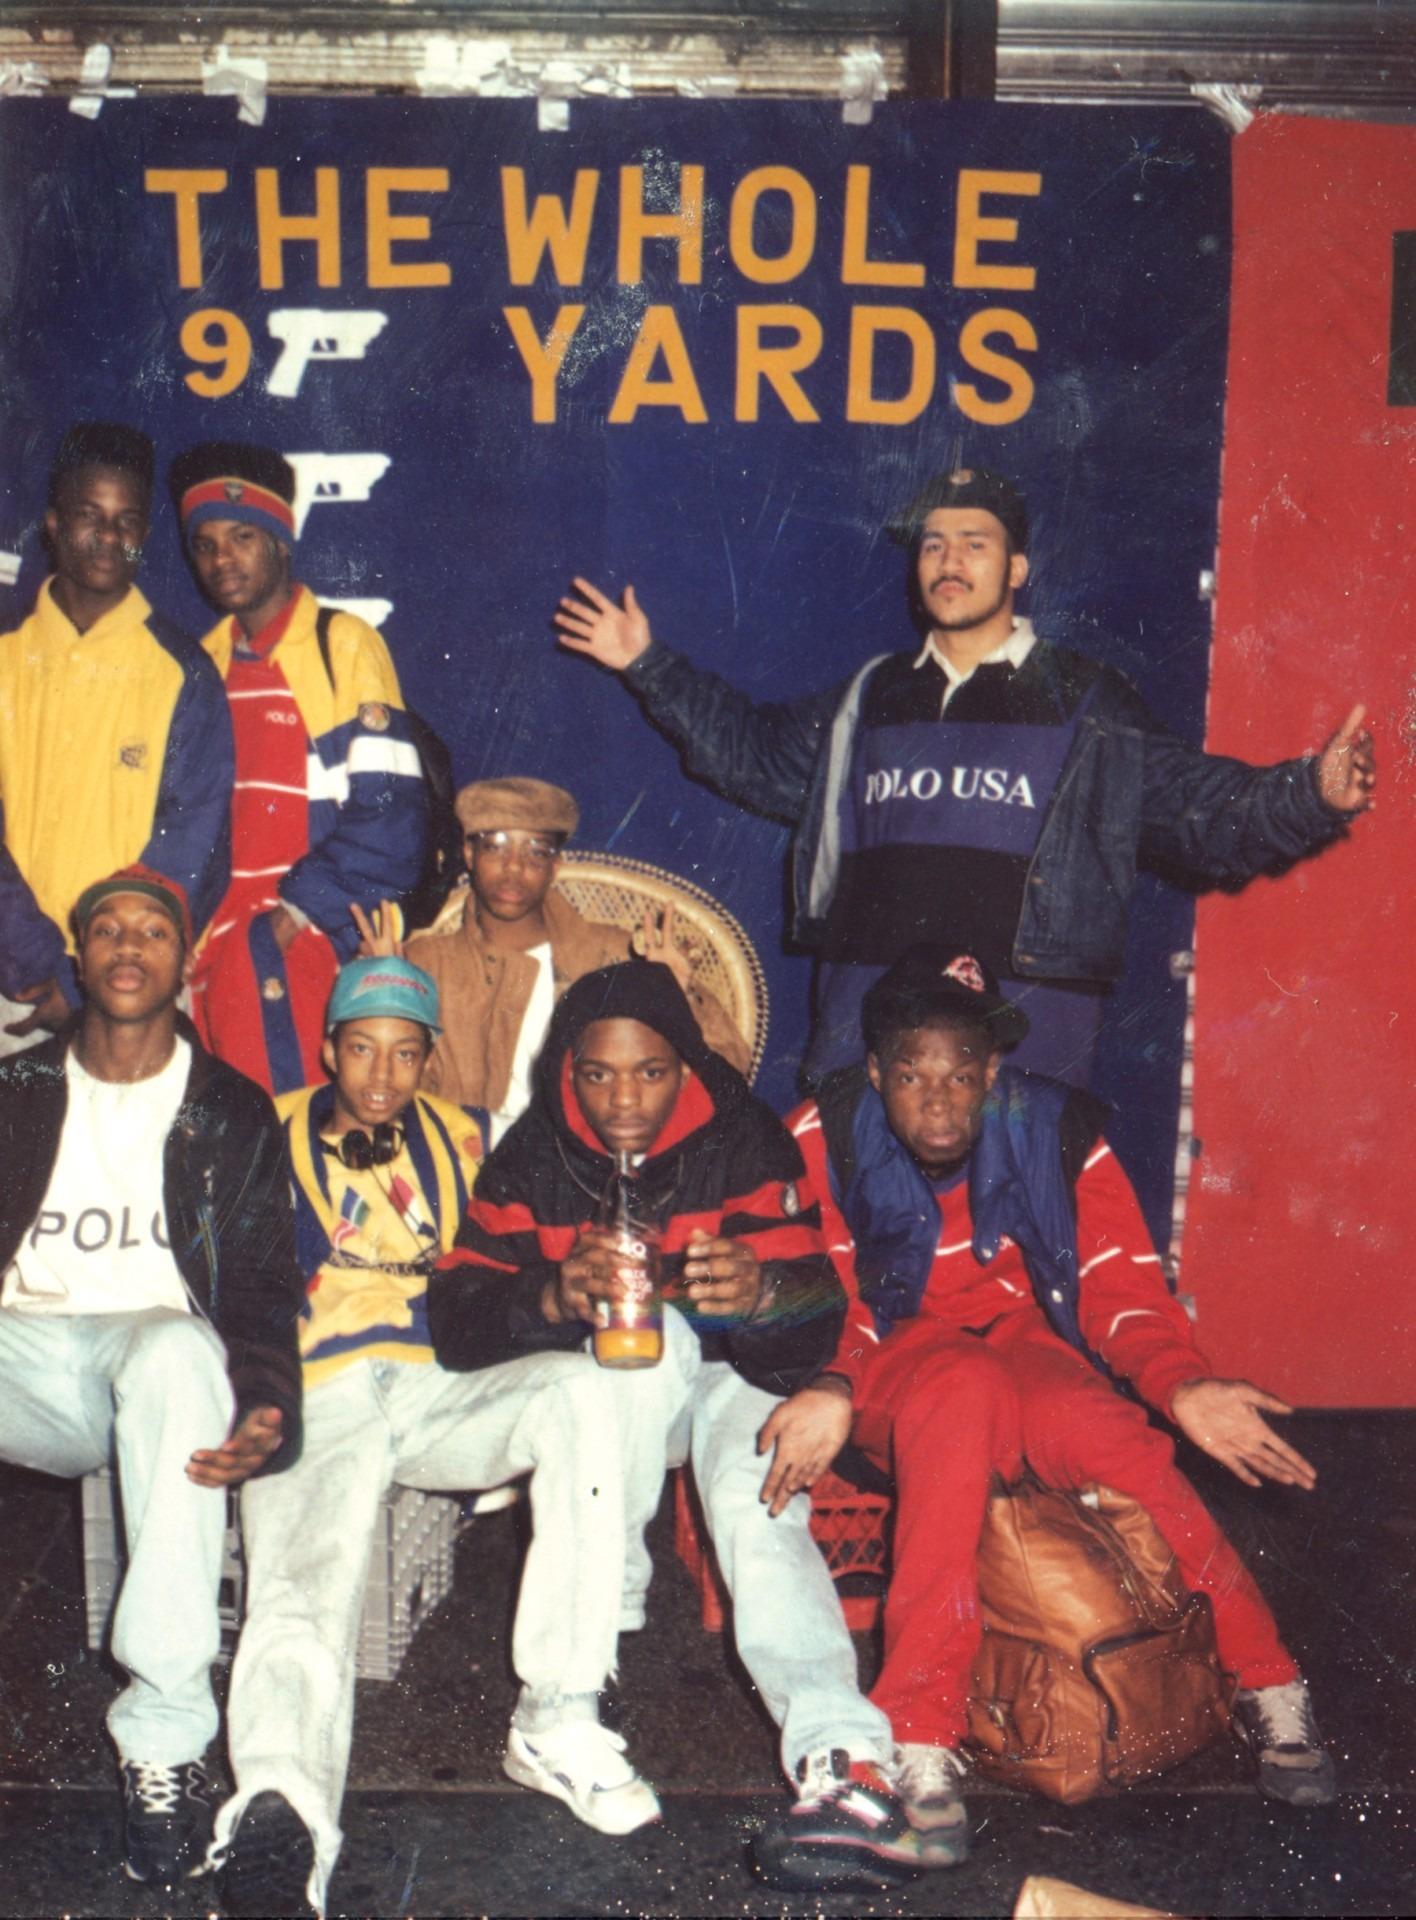 Lo-Life Hip-Hop Ralph Lauren OG Crew 1988